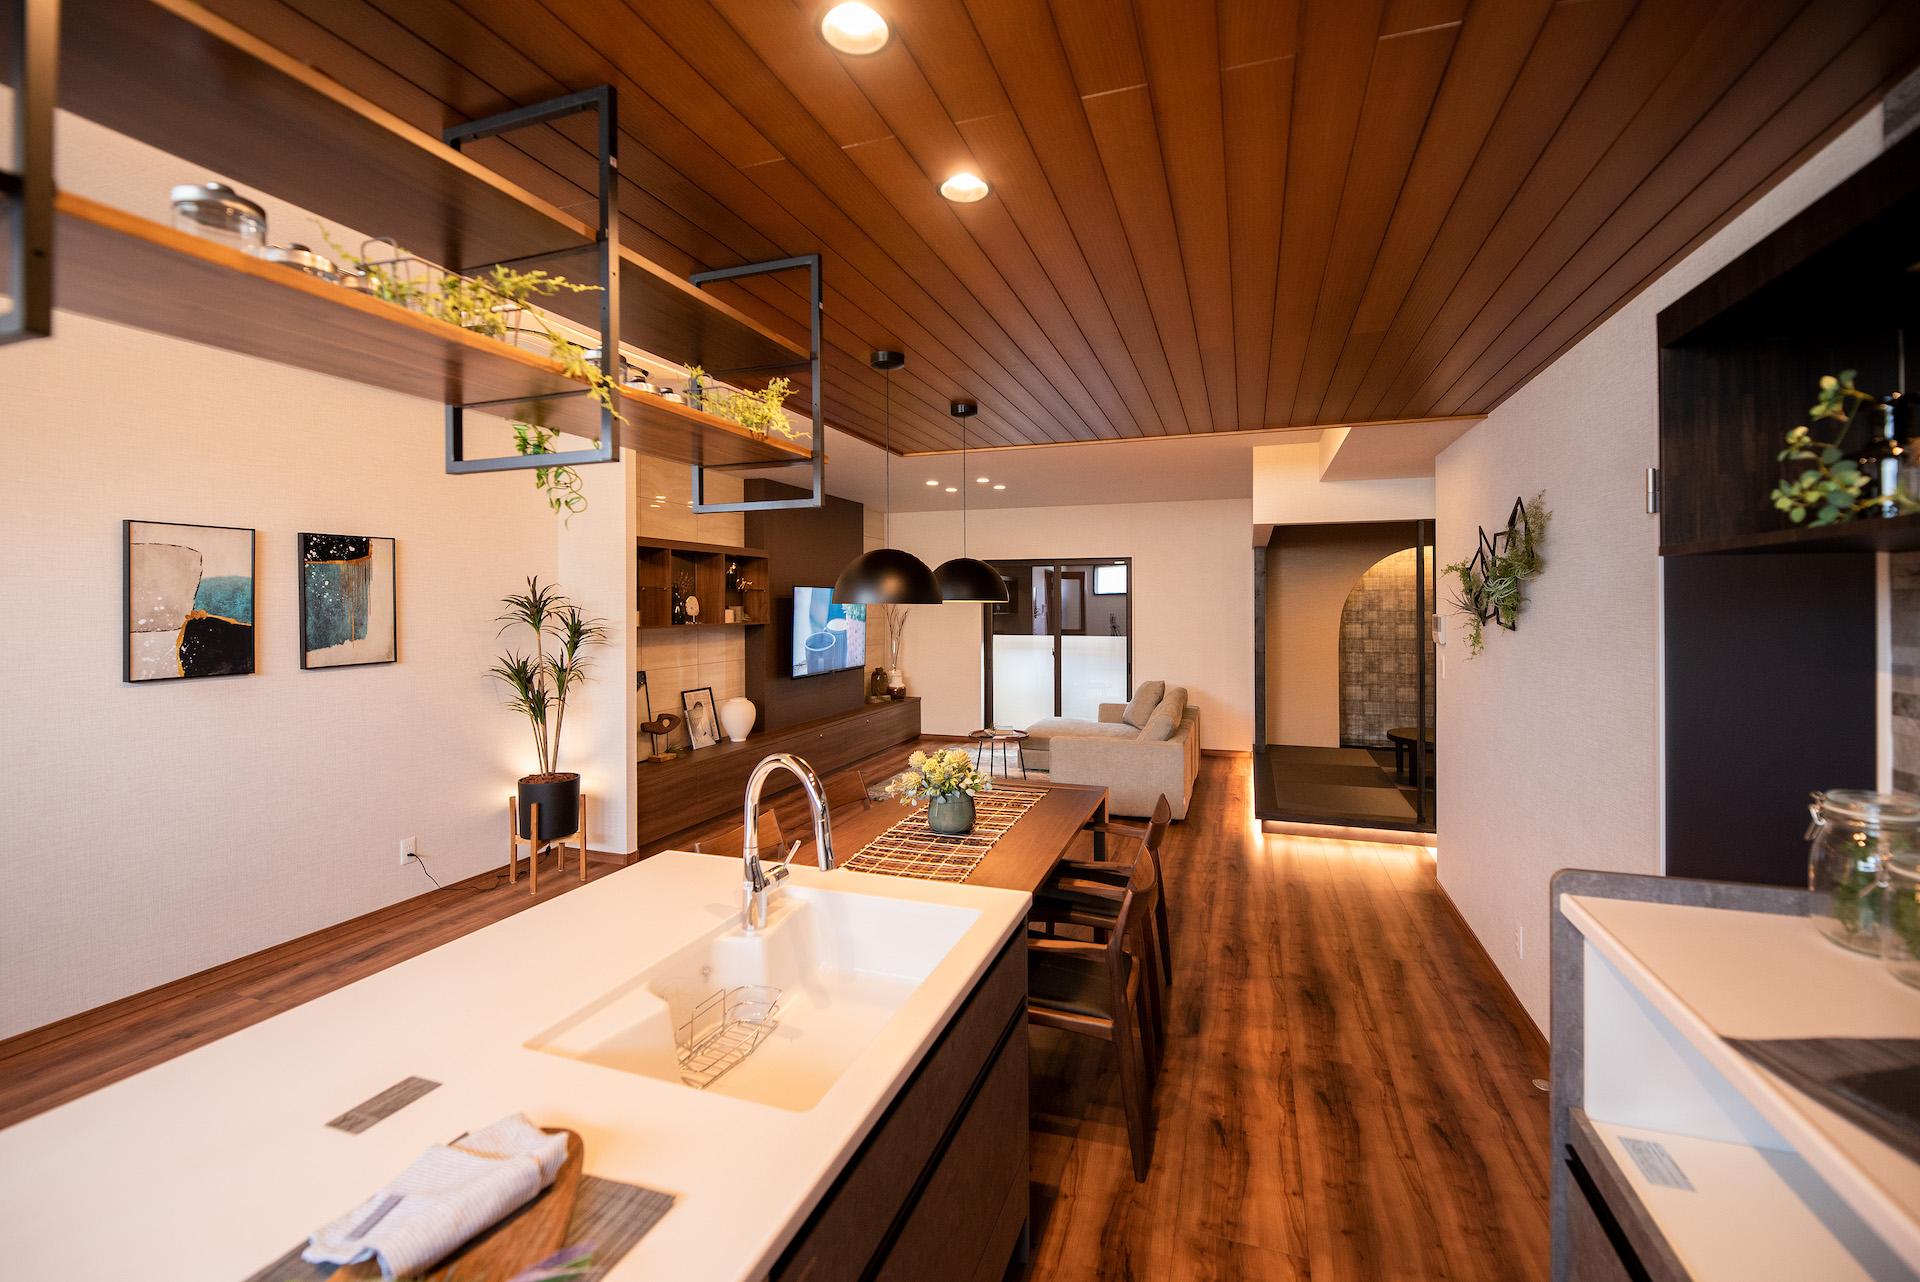 irohaco (アヴァンス)【駿東郡清水町堂庭241-22・モデルハウス】キッチンに立てば、ダイニング、リビングと視線が一直線に抜けるので家族の気配がわかりやすい